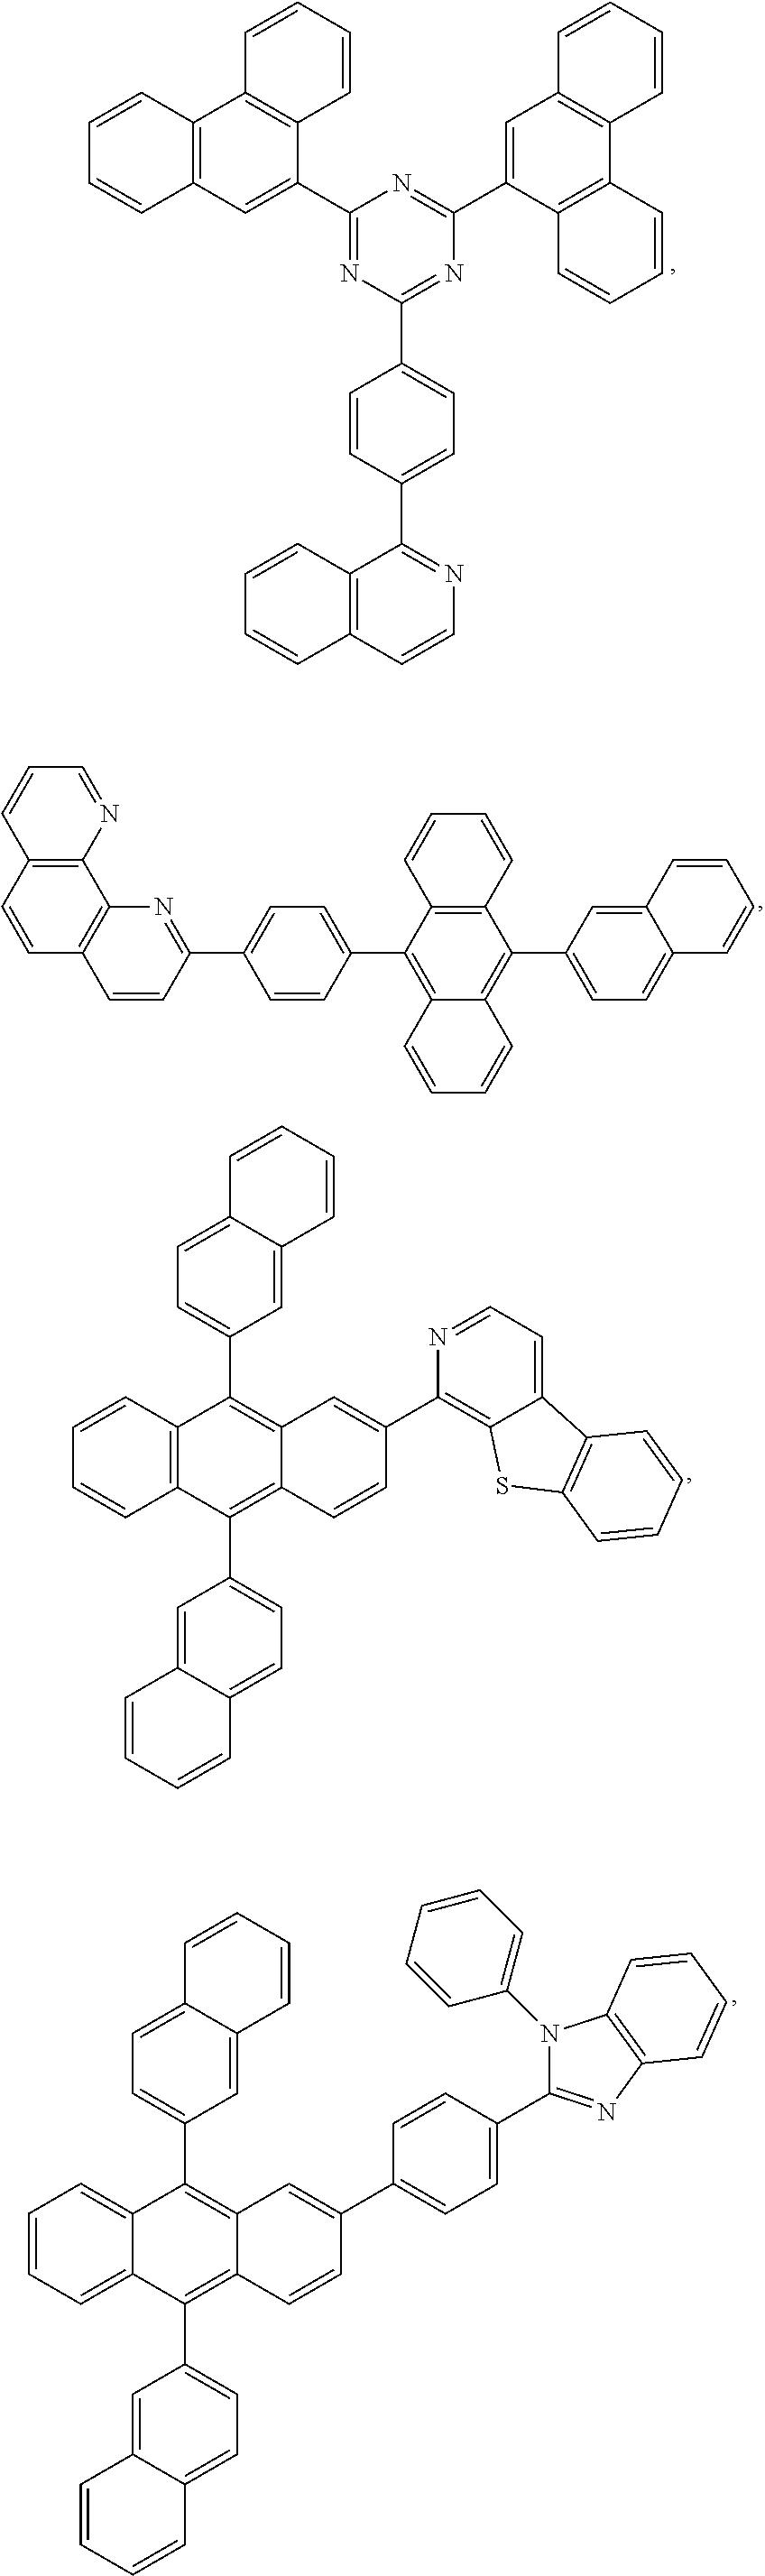 Figure US10144867-20181204-C00113